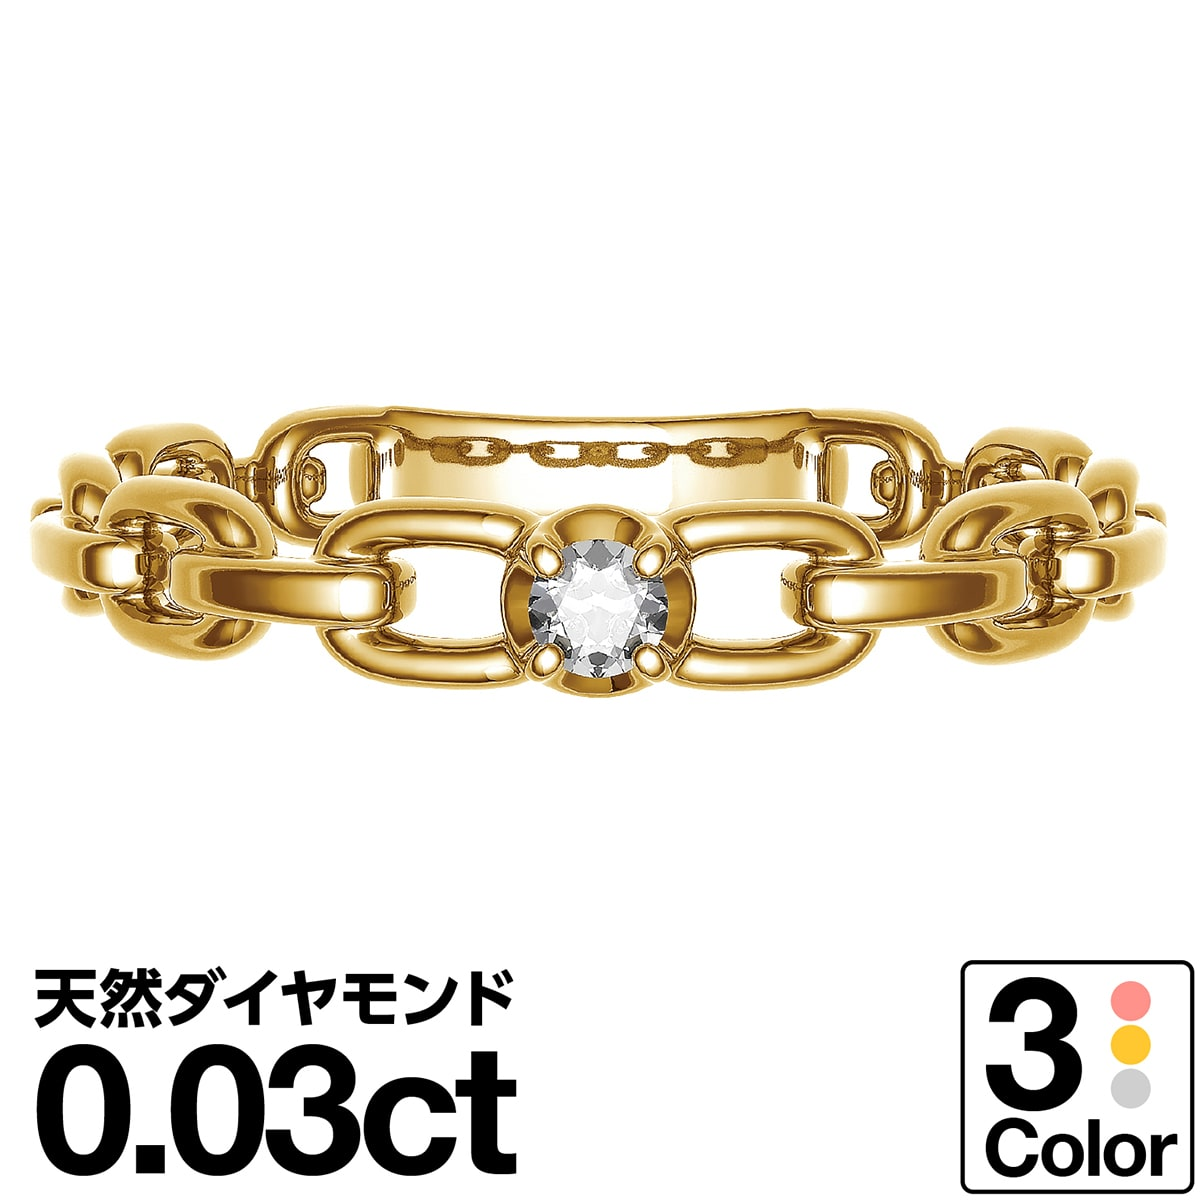 【送料無料】 一粒 ダイヤモンド リング k10 イエローゴールド/ホワイトゴールド/ピンクゴールド ファッションリング 品質保証書 金属アレルギー 日本製 誕生日 ギフト